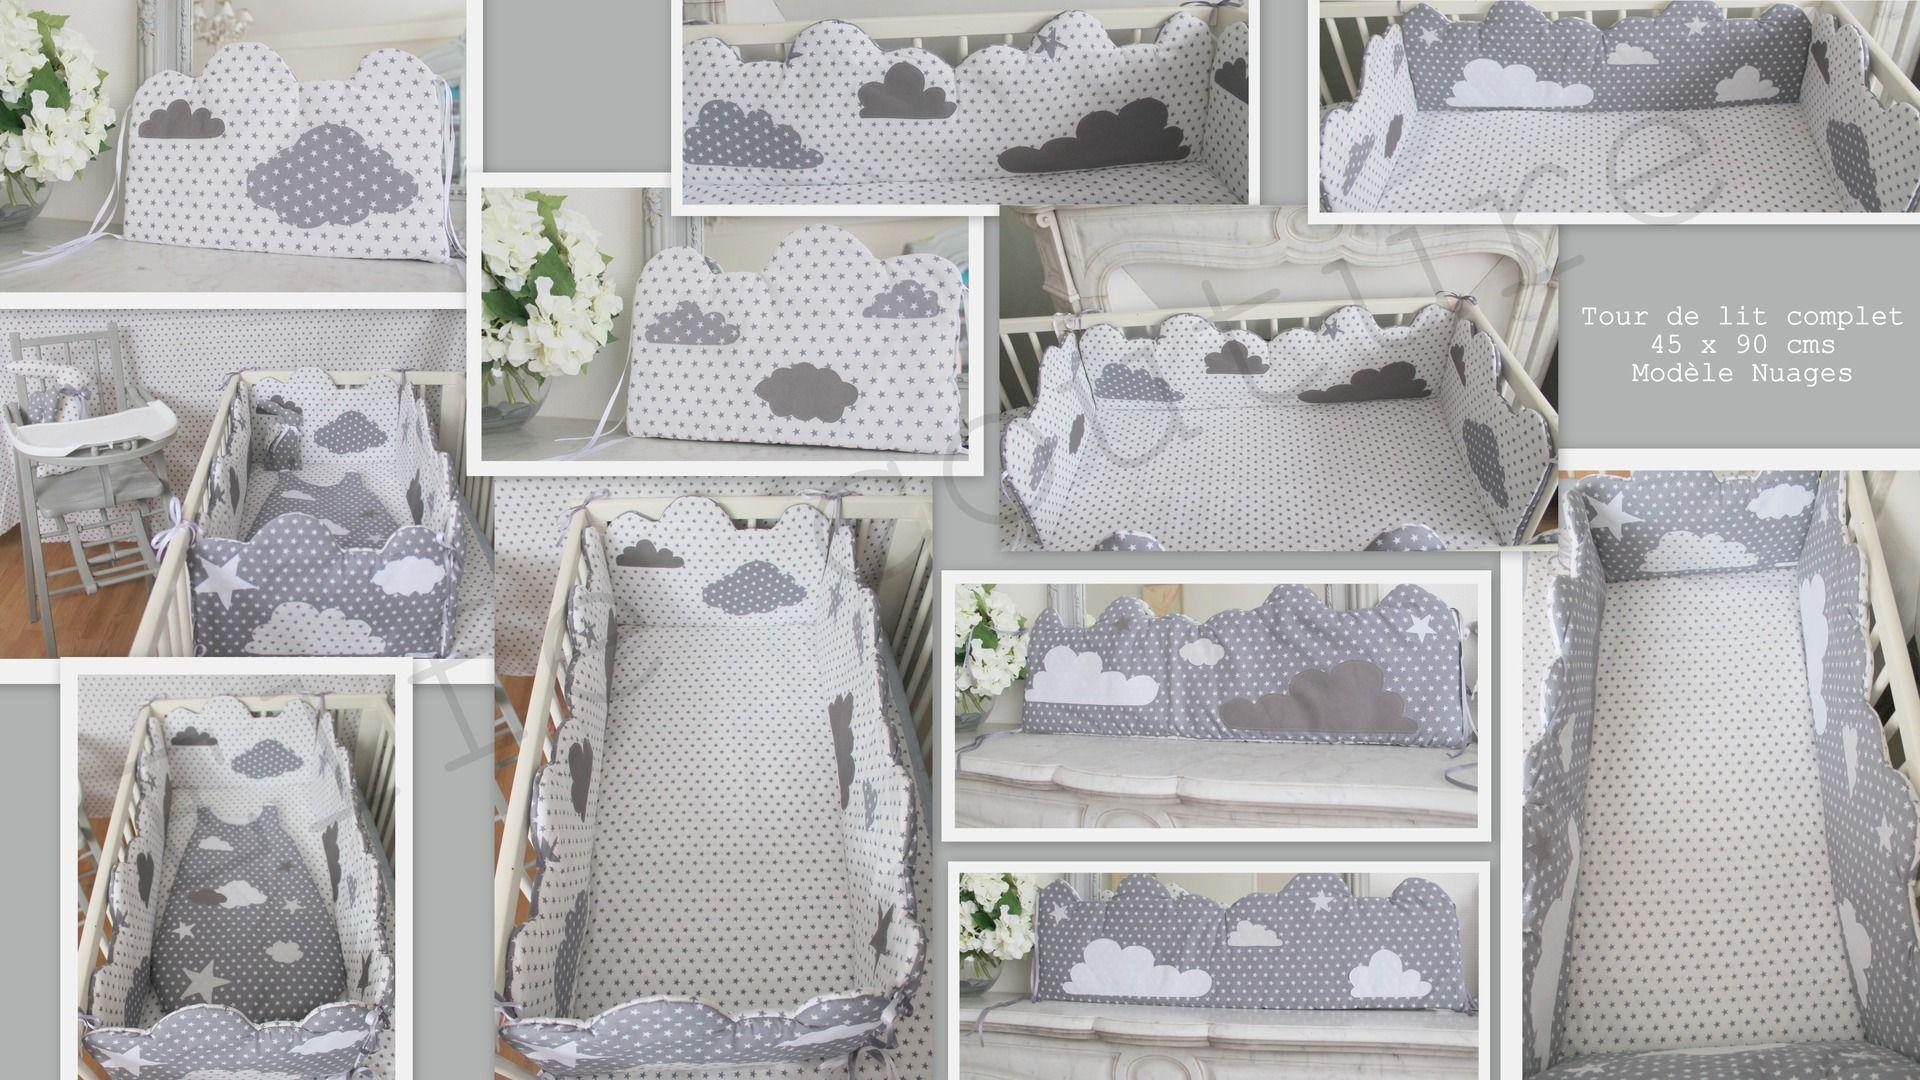 tour de lit mini complet r versible 45 x 90 cms forme nuage et th me nuages toiles tons. Black Bedroom Furniture Sets. Home Design Ideas